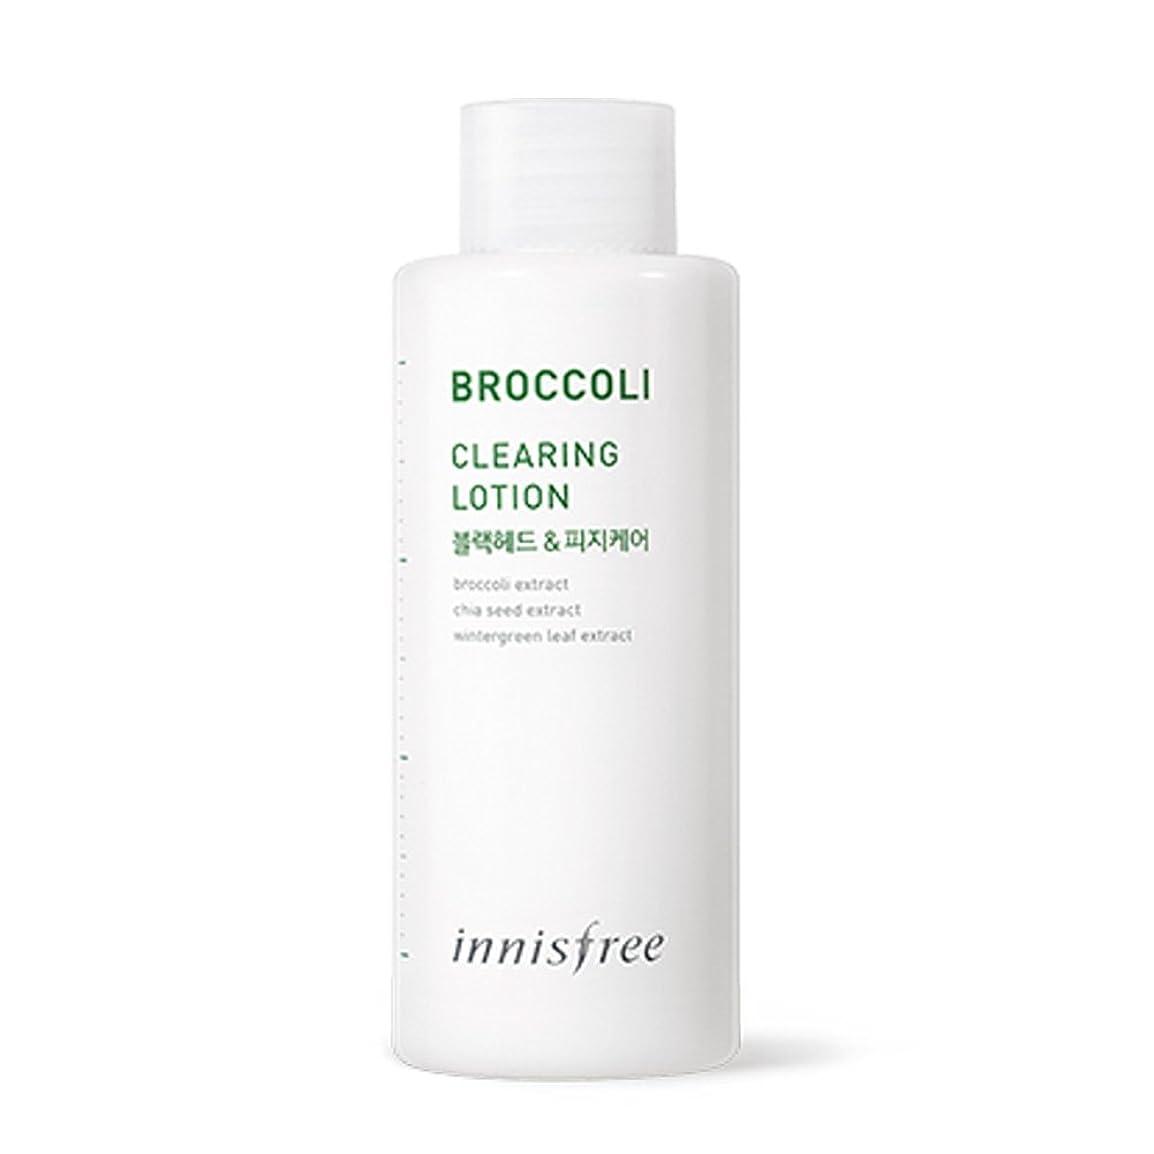 囲い考慮期待イニスフリーブロッコリークリアリングローション(エマルジョン)130ml Innisfree Broccoli Clearing Lotion(Emulsion) 130ml [海外直送品][並行輸入品]